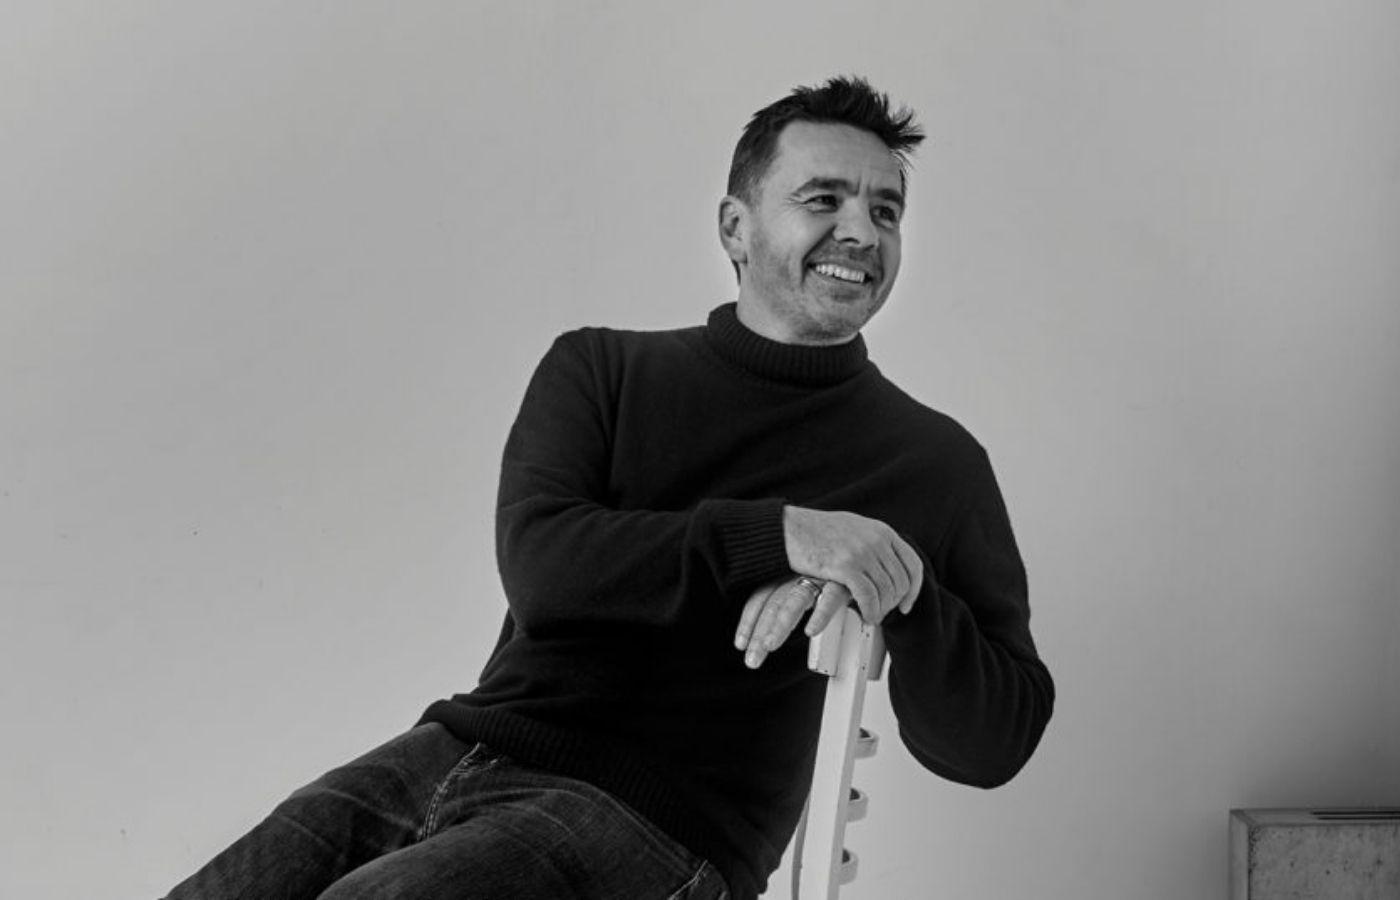 Laurent Garnier reveló ser el fundador del sello hasta ahora anónimo, Cod3 QR